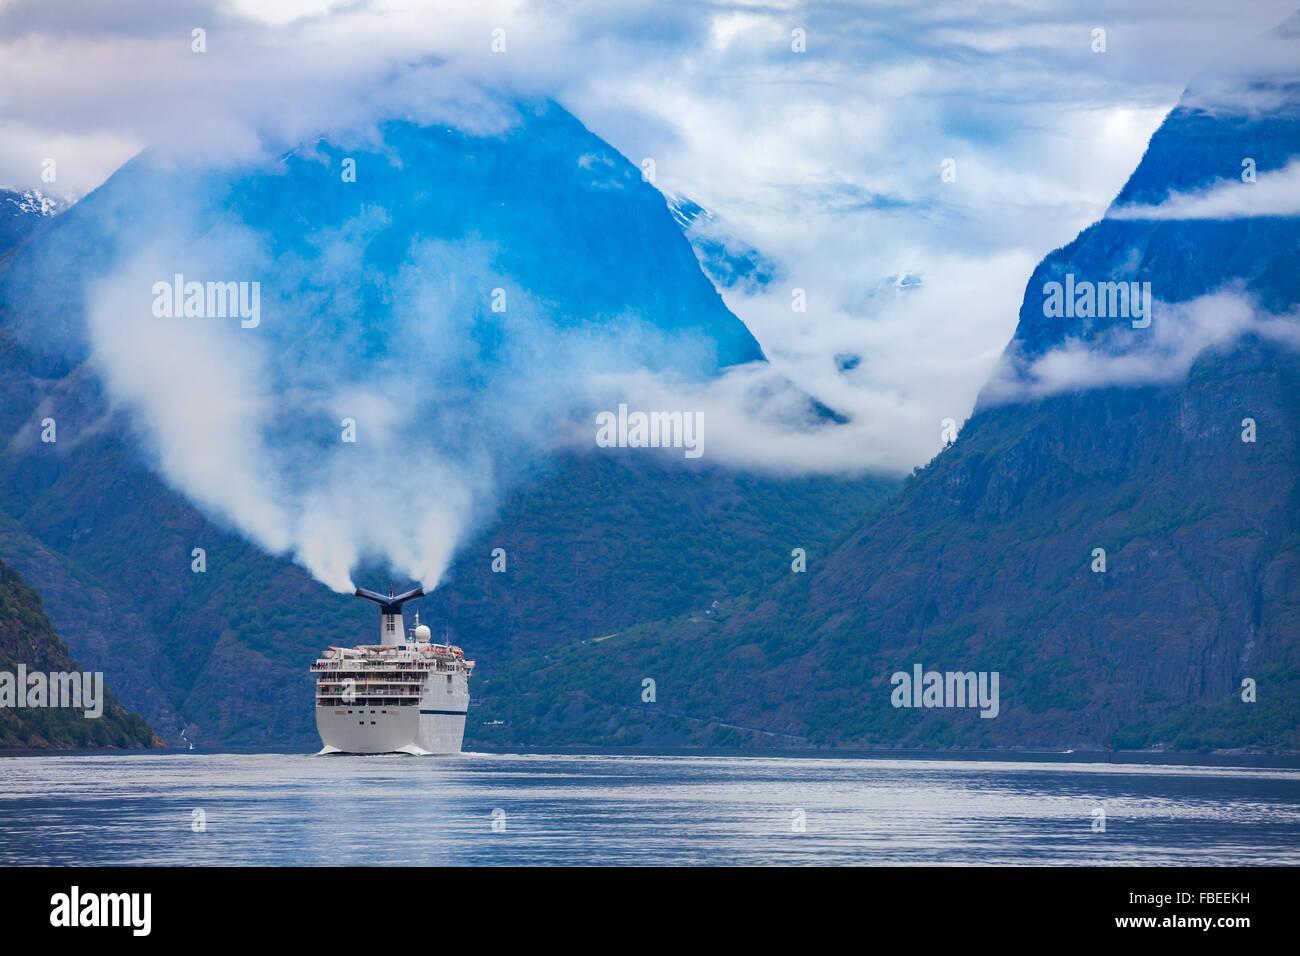 Kreuzfahrtschiff, Cruise Liner auf Hardanger Fjorden, Norwegen Stockbild